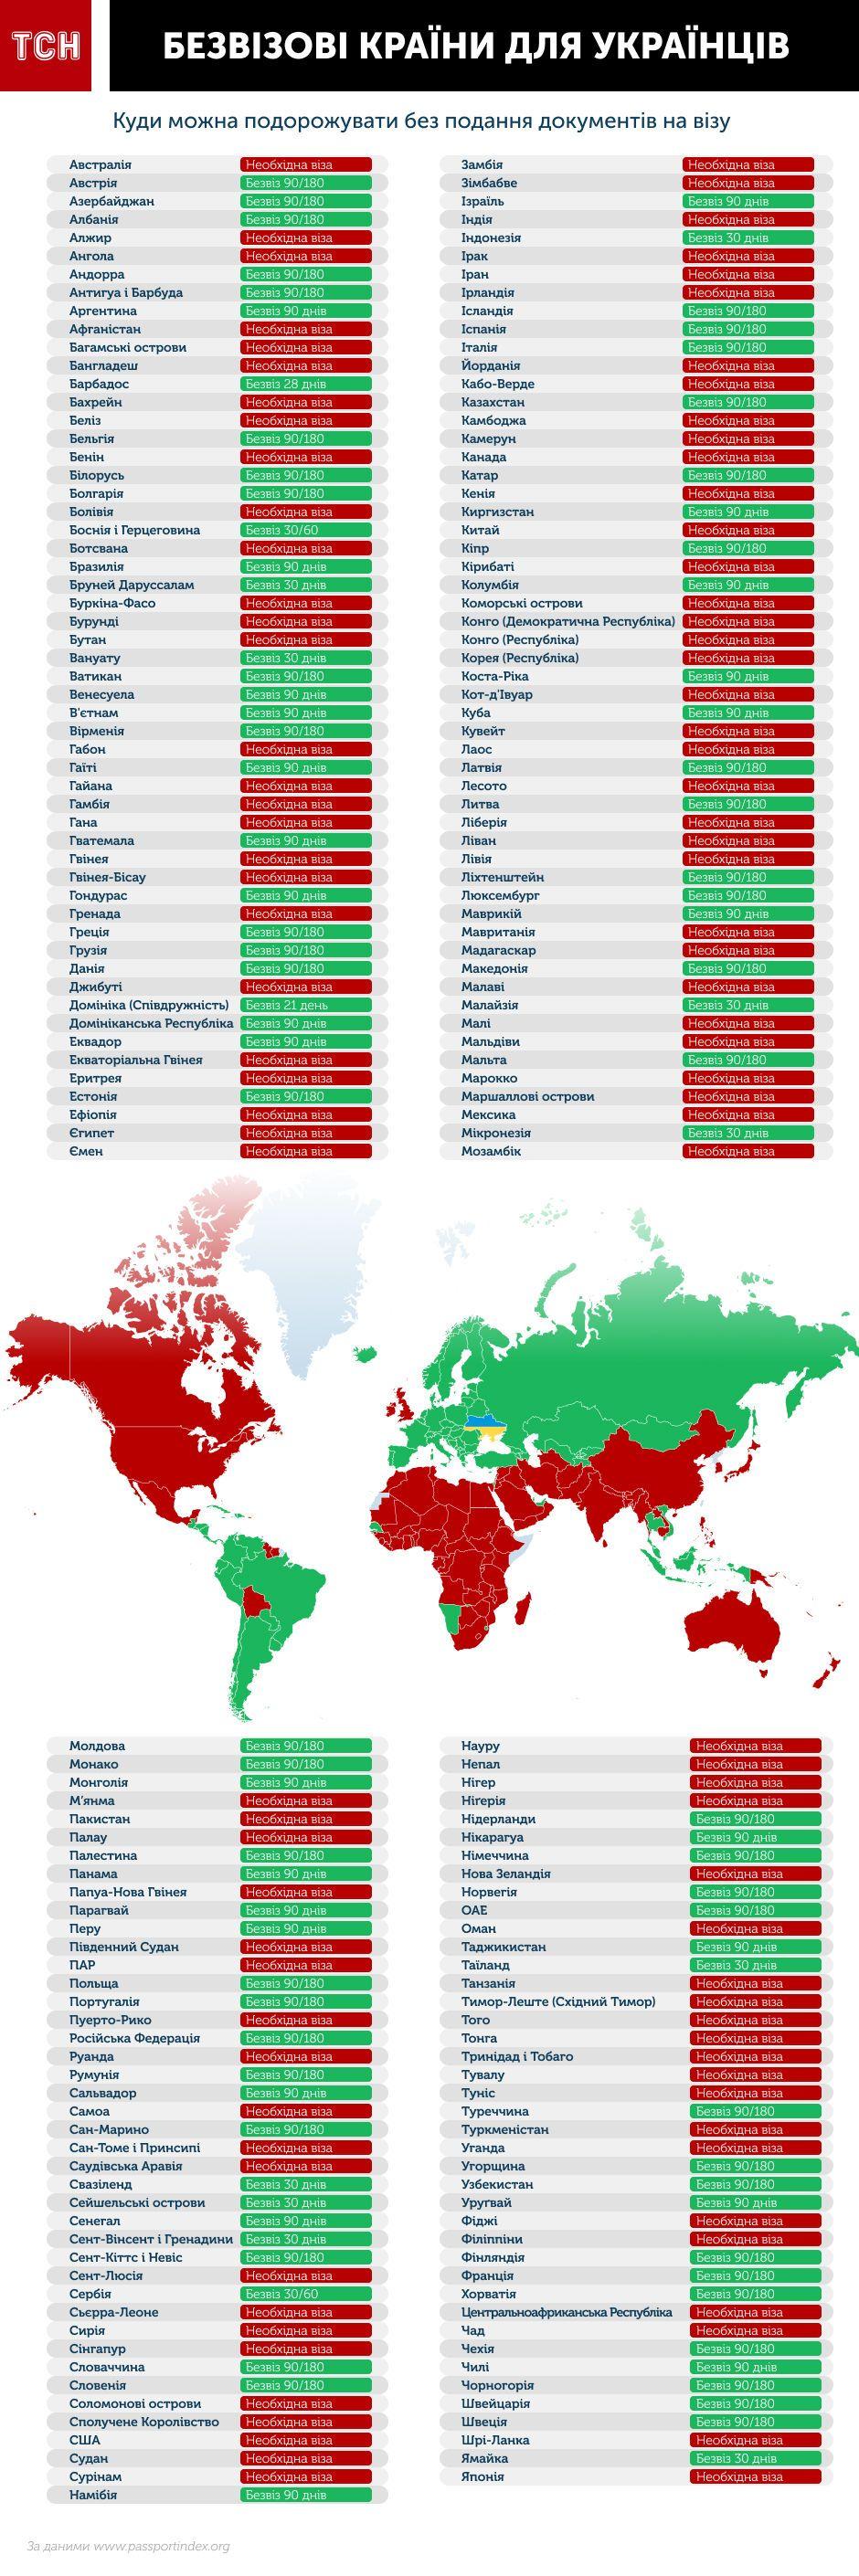 оновлена інфографіка із безвізовими країнами